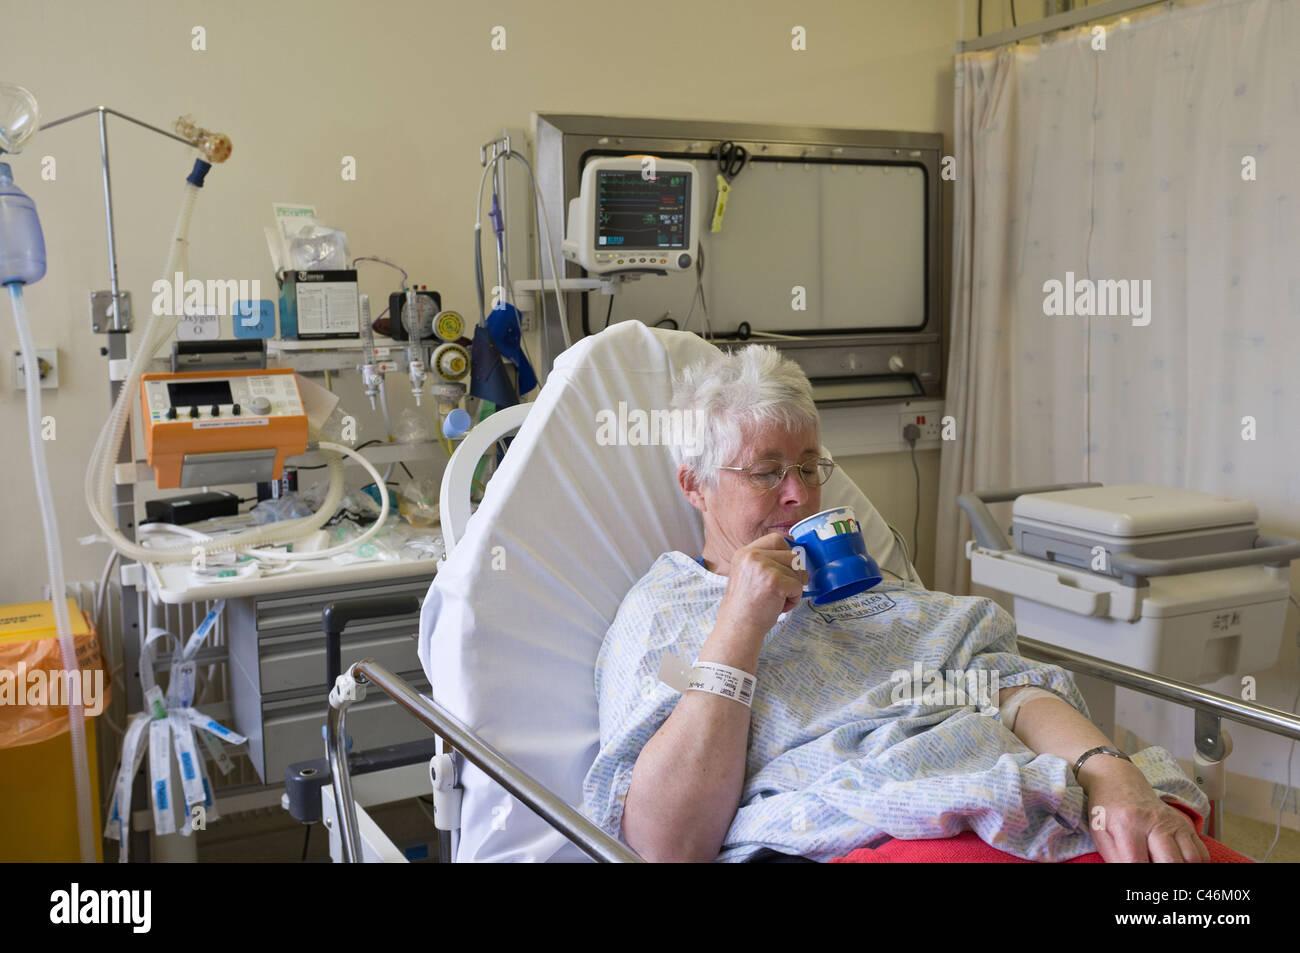 Weibliche Herzinfarkt-Patienten Teetrinken erholt in Reanimation Einheit in Notaufnahme Abteilung eines Krankenhauses. Stockbild